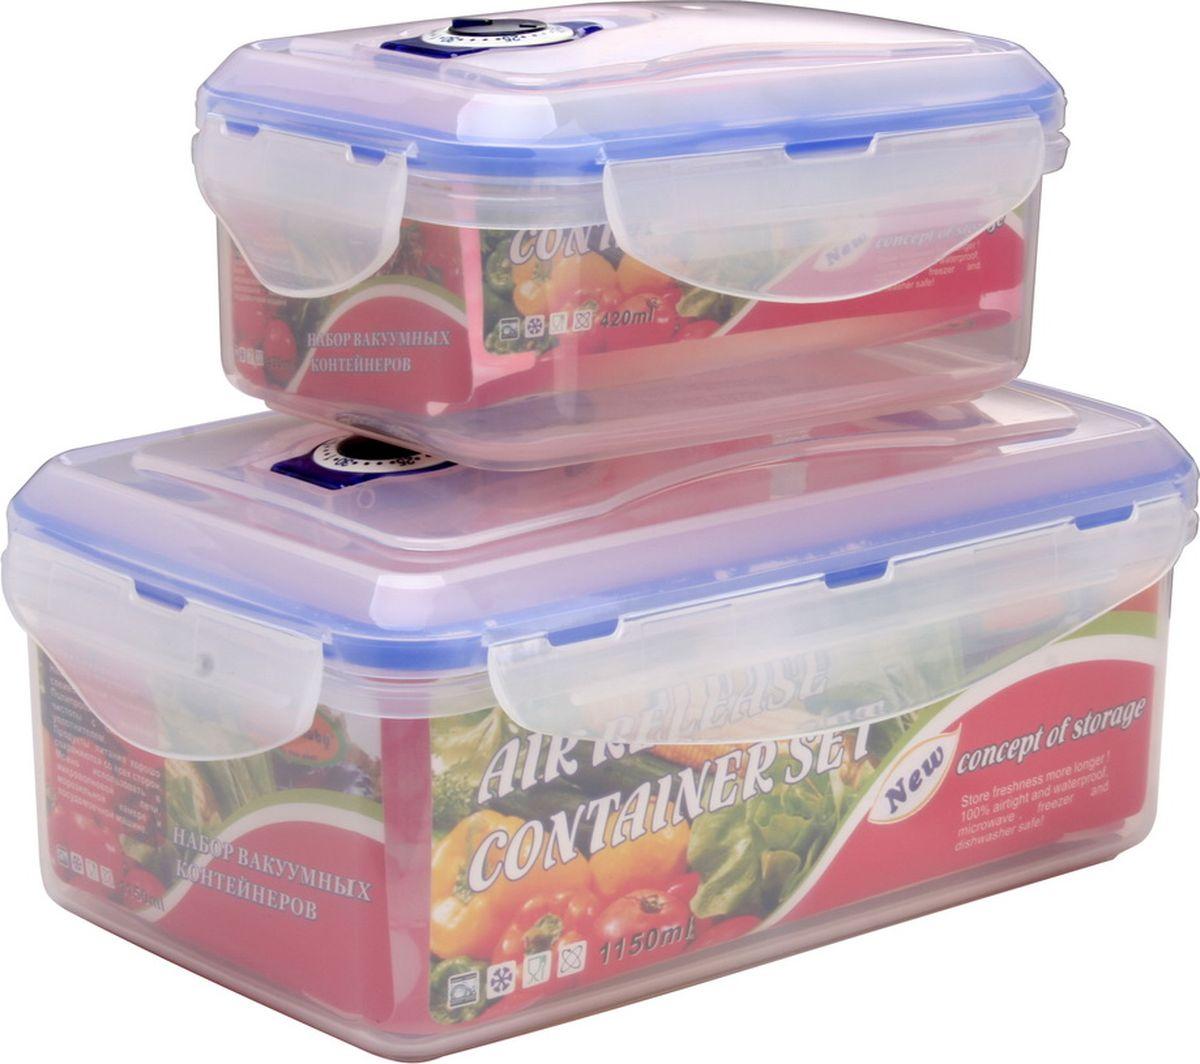 Набор контейнеров Queen Ruby, прямоугольные, 2 шт. QR-8577QR-8577Набор Queen Ruby состоит из двух контейнеров, которые изготовлены из высококачественного пластика. Изделие идеально подходит не только для хранения, но и для транспортировки пищи. Контейнеры оснащены плотно закрывающимися пластмассовыми крышками. Выдерживают температуру от -20°С до +120°С. Можно использовать в СВЧ-печах, холодильниках и морозильных камерах. Можно мыть в посудомоечной машине. Размеры контейнеров: 14,7 х 10,3 х 6,8 см; 20 х 13 х 9 см.Объем контейнеров: 420 мл, 1150 мл.